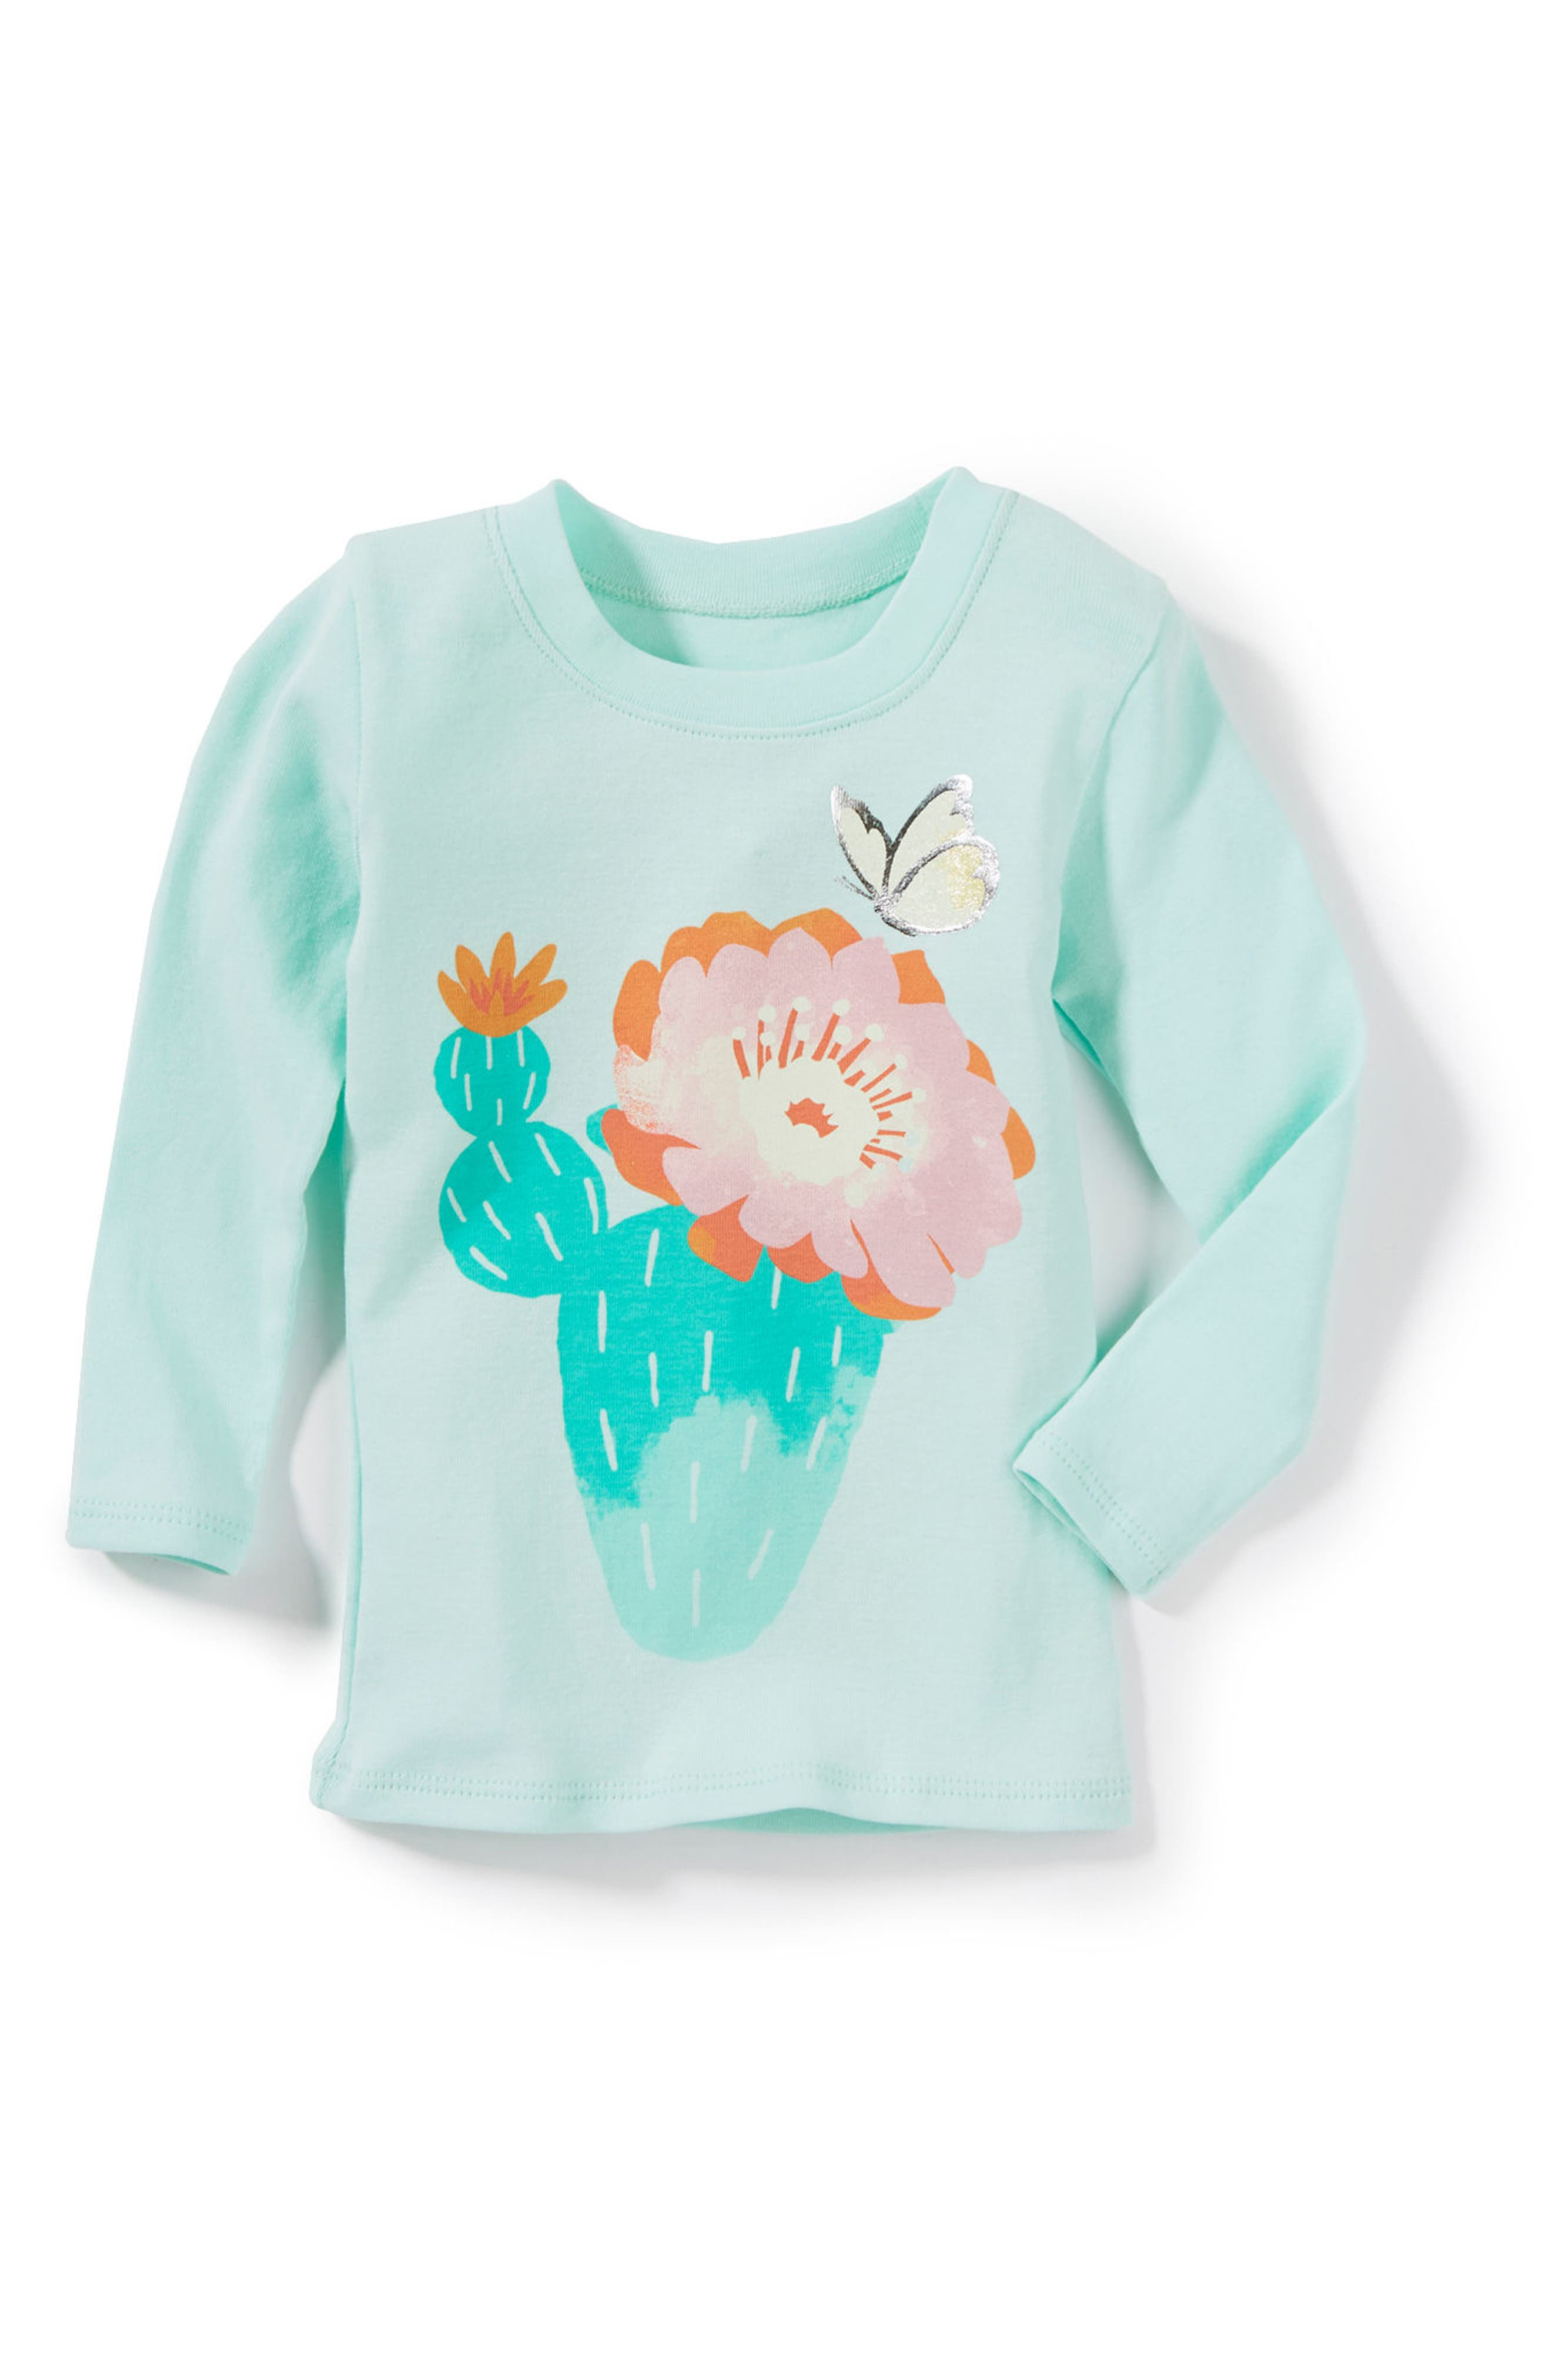 Peek Cactus Graphic Tee (Baby Girls)